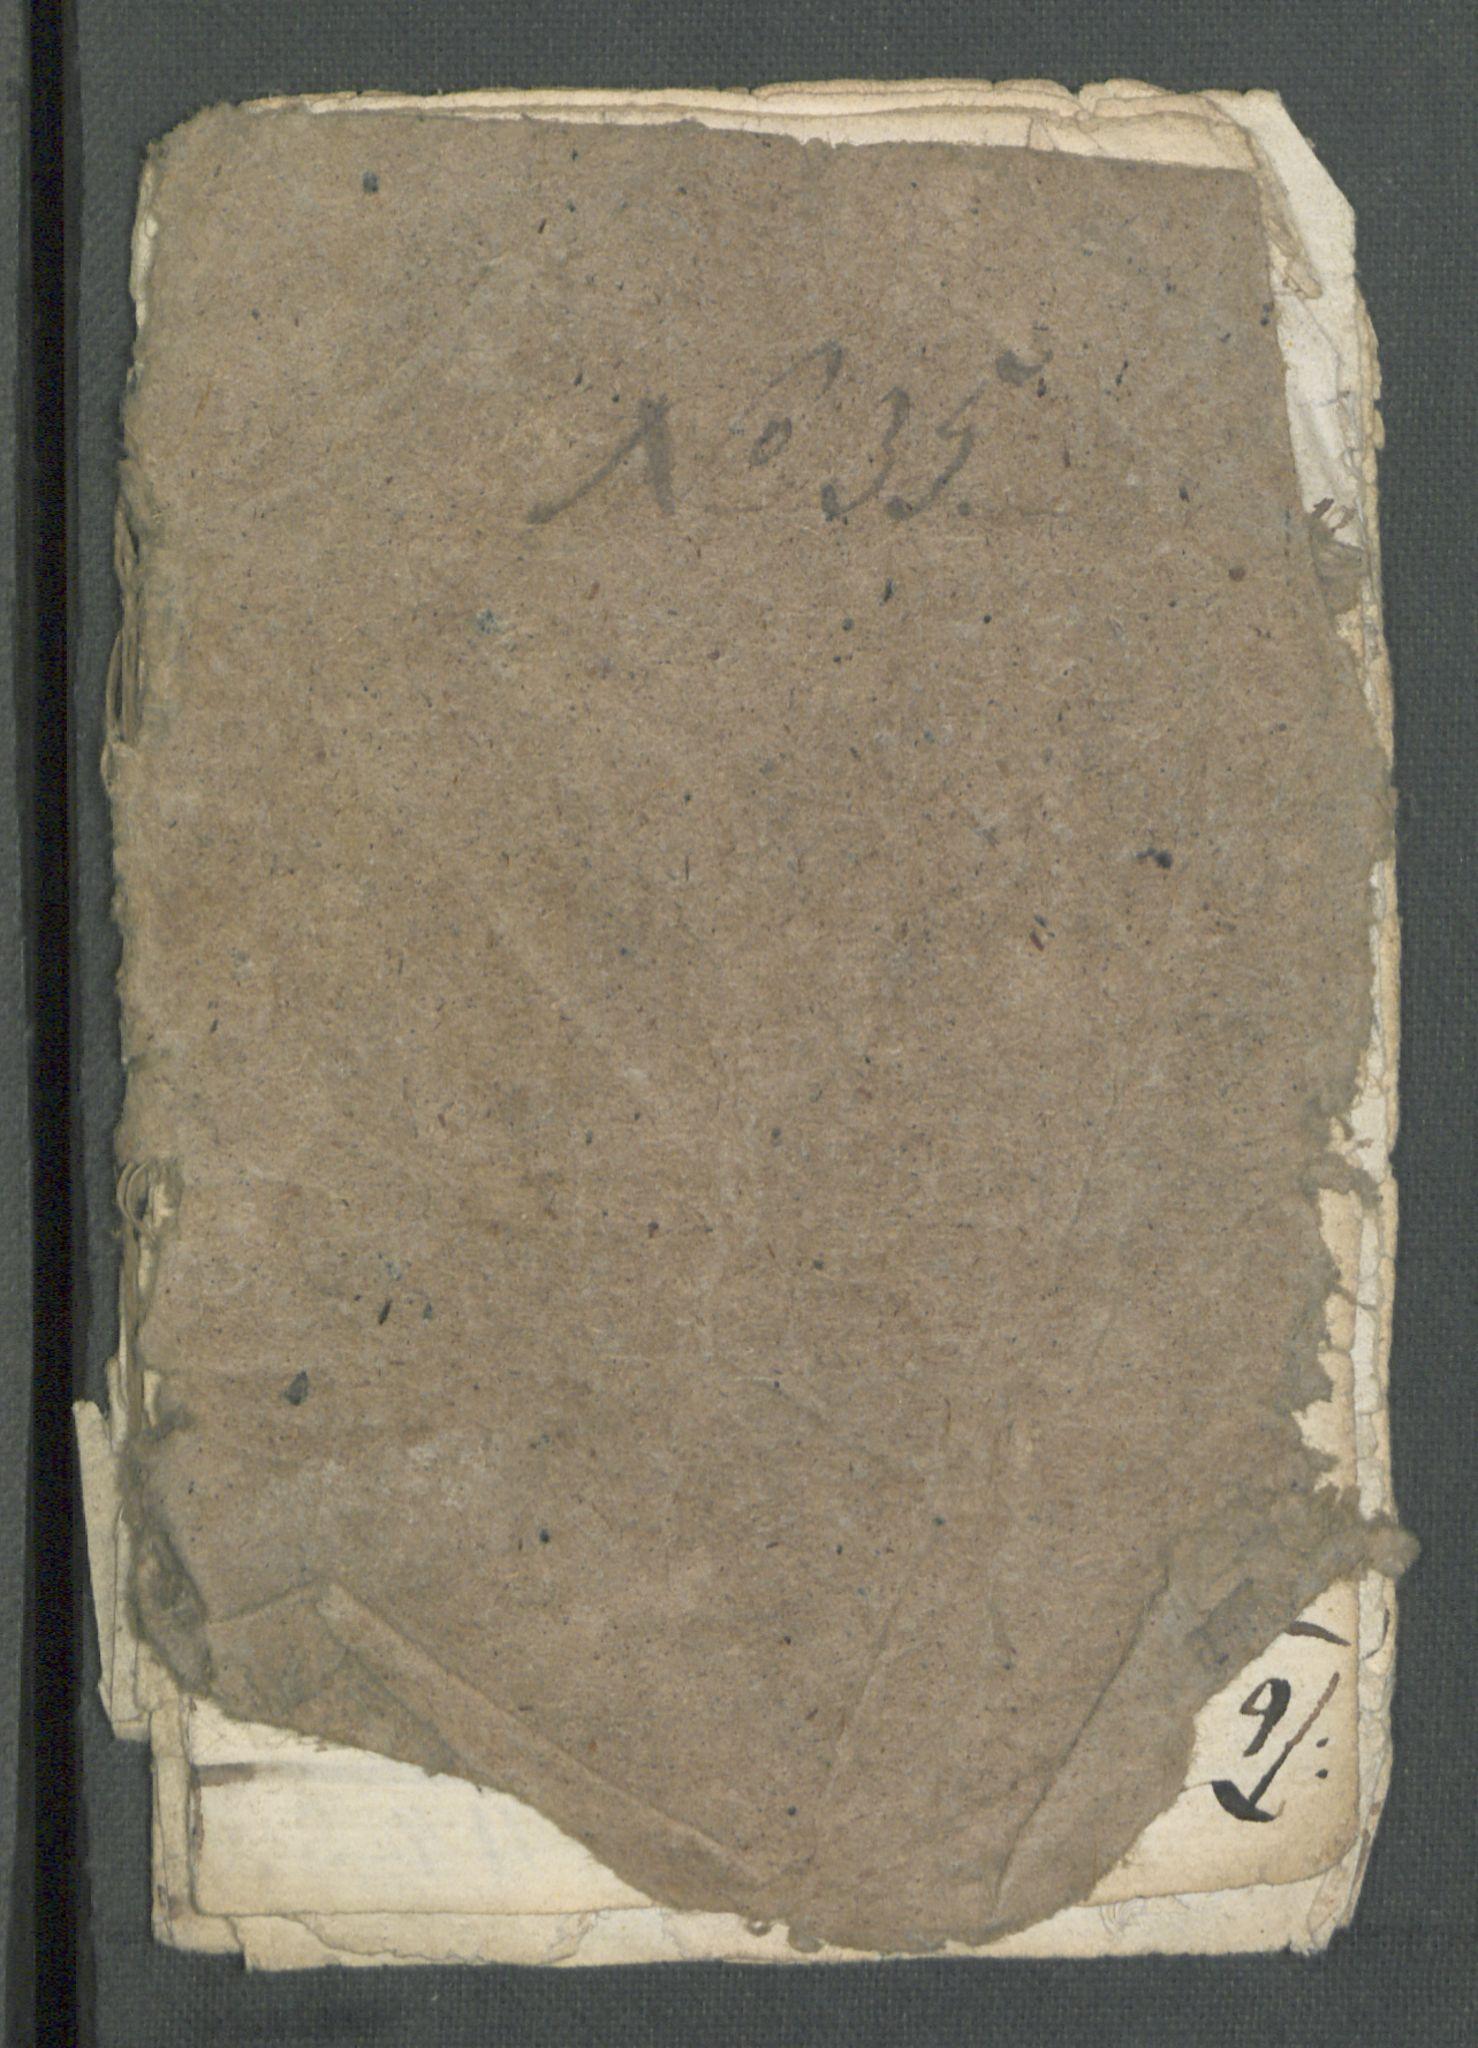 RA, Rentekammeret inntil 1814, Realistisk ordnet avdeling, Od/L0001: Oppløp, 1786-1769, s. 638